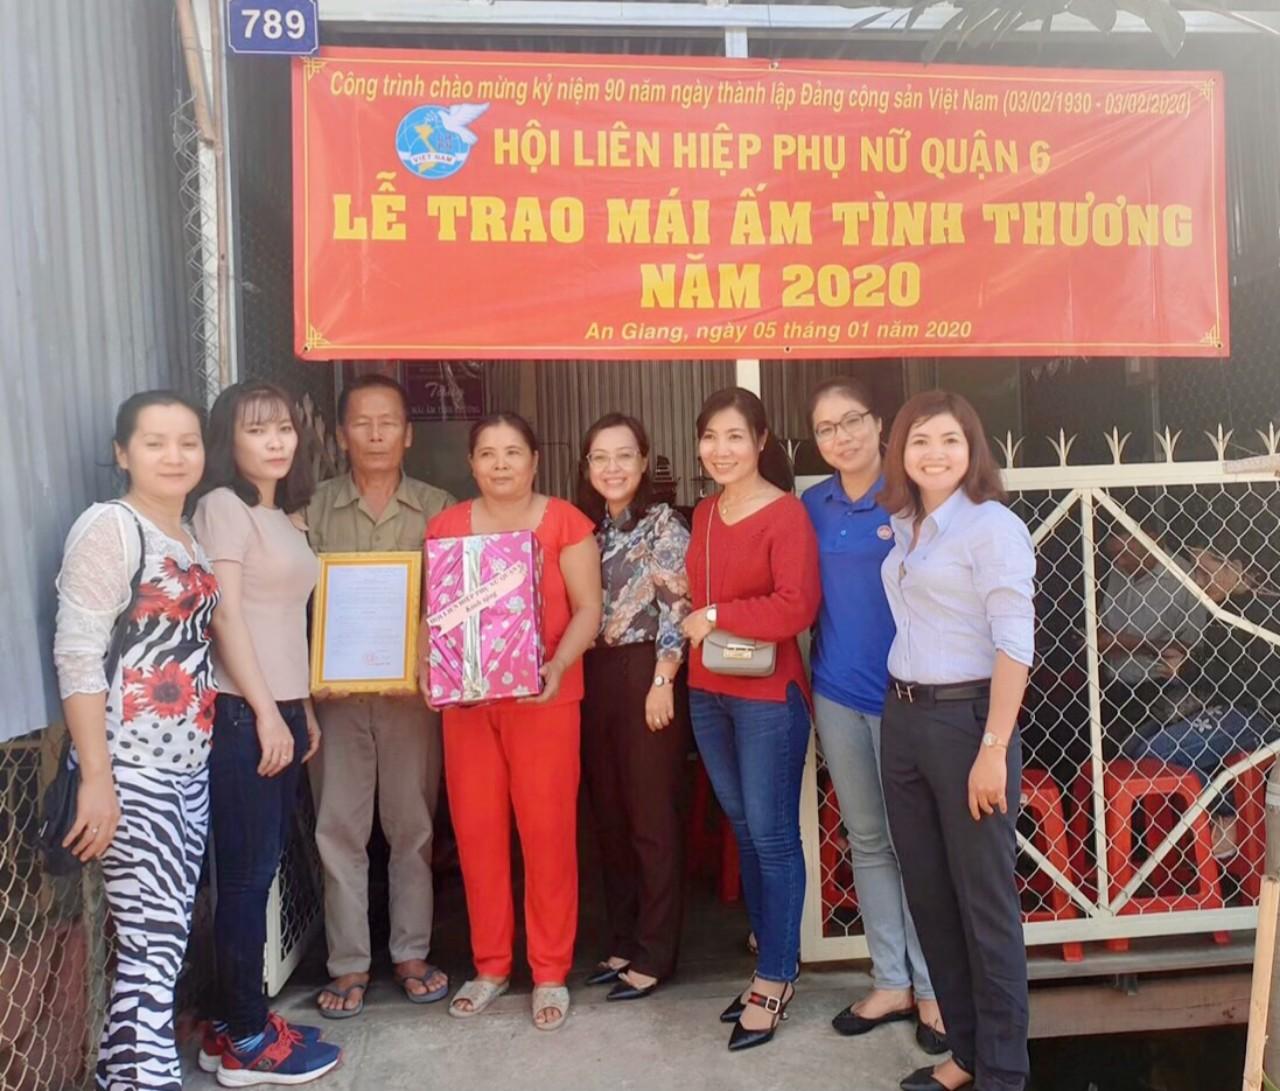 Vợ chồng chị Lê Thị Nga nhận quà và quyết định trao Mái ấm biên cương ngay những ngày đầu năm 2020- Ảnh Lưu Lê